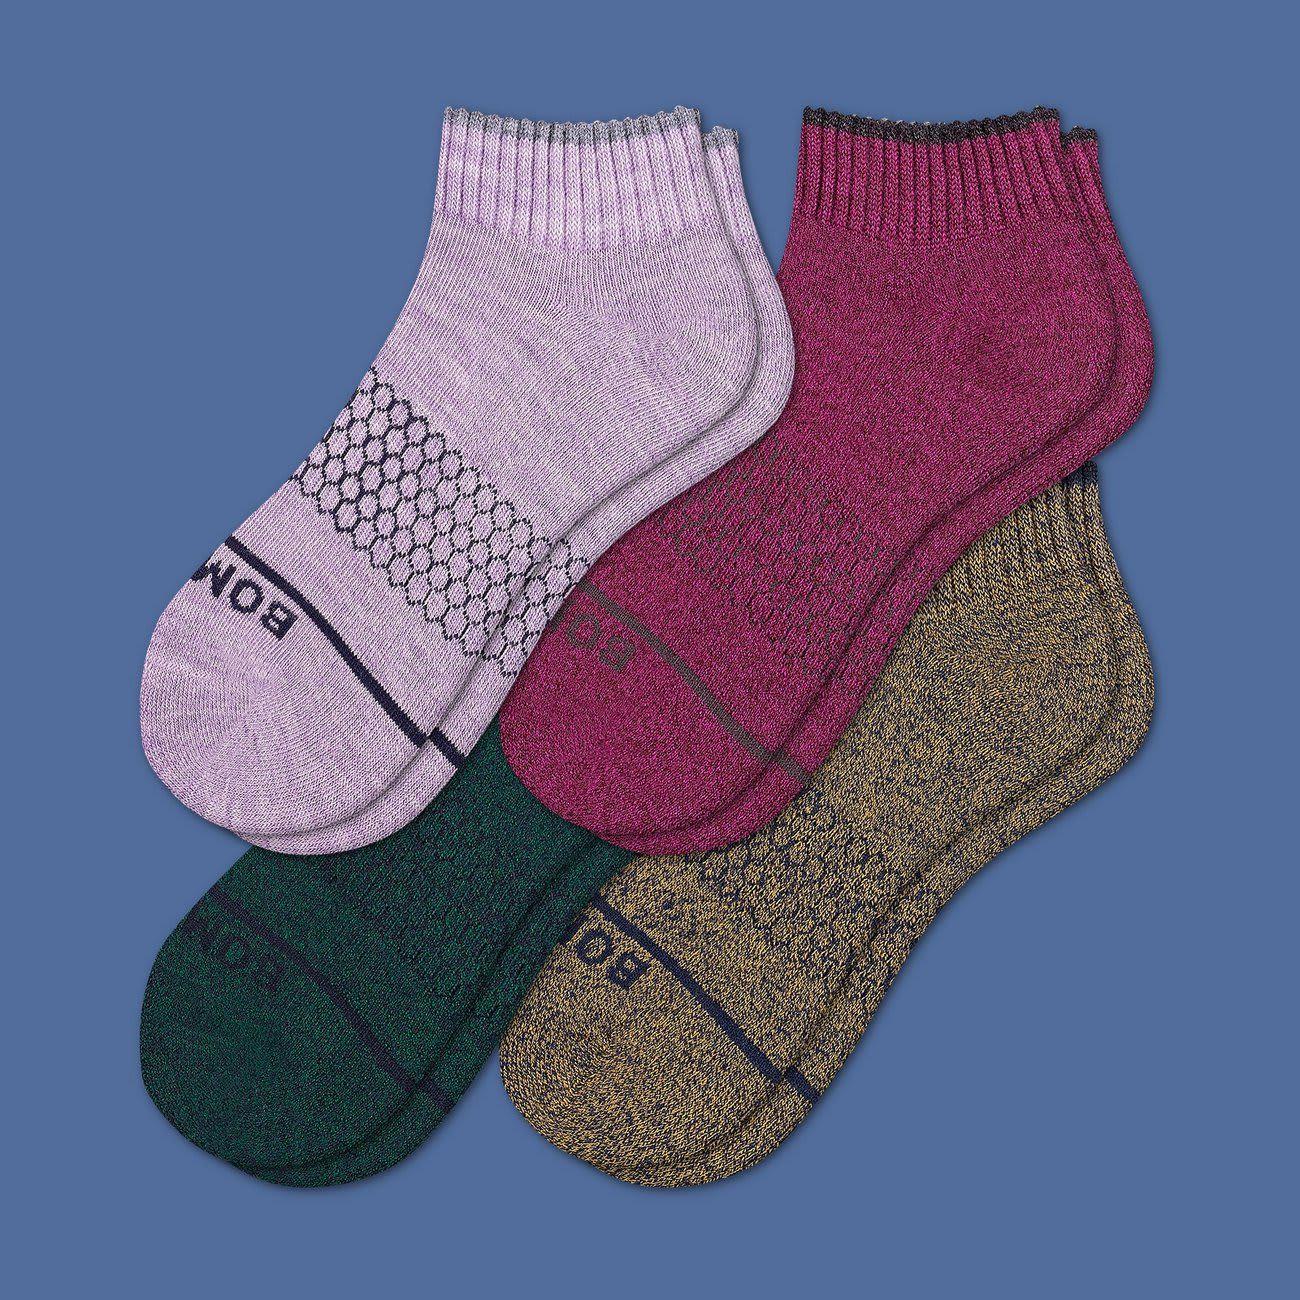 Women's Merino Wool Quarter Sock 4Pack Socks, Wool